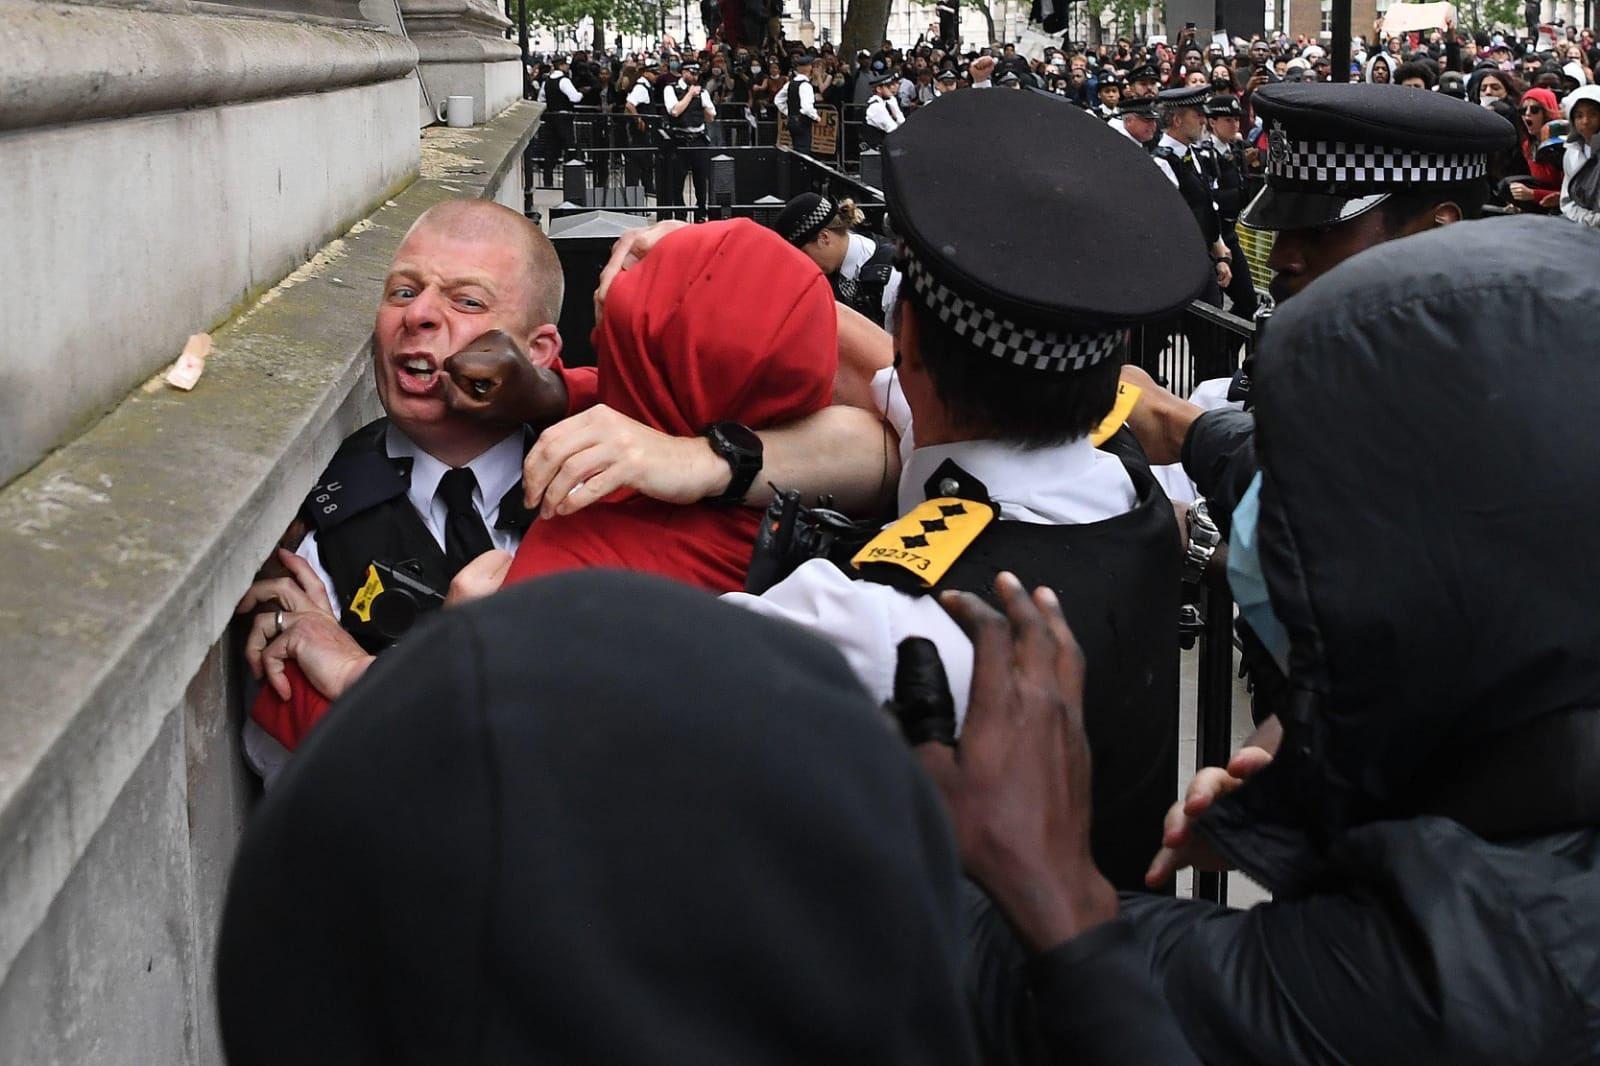 """לאחר ארה""""ב ופריז, המתקפה הפרוגרסיבית הגיעה גם ללונדון. מכים את השוטרים. צפו:"""